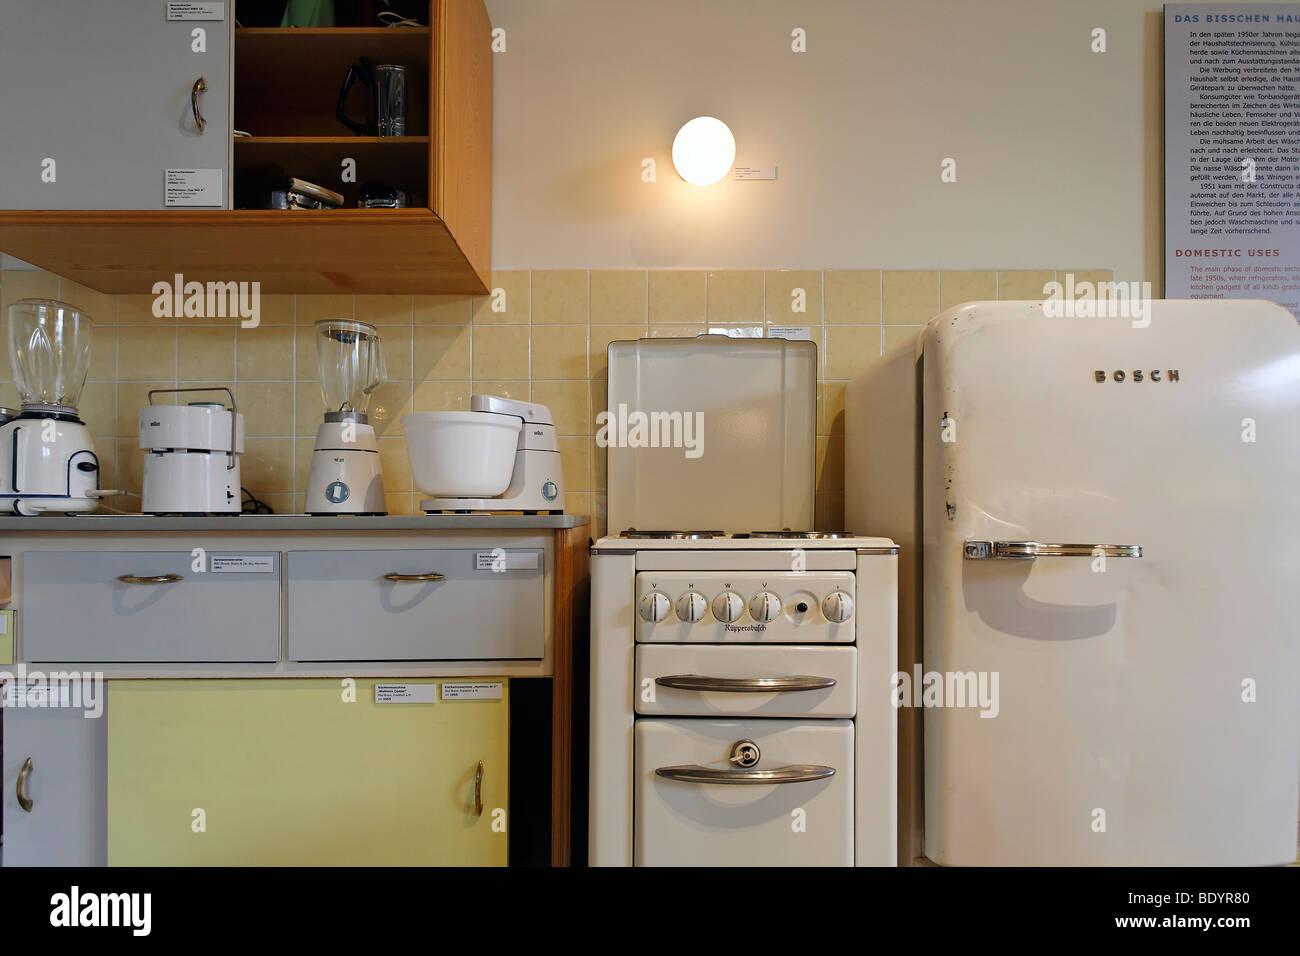 Küche und Haushalt elektrische Geräte aus den 50er Jahren, Kraft und Leben Museum Umspannwerk Recklinghausen, Stockbild